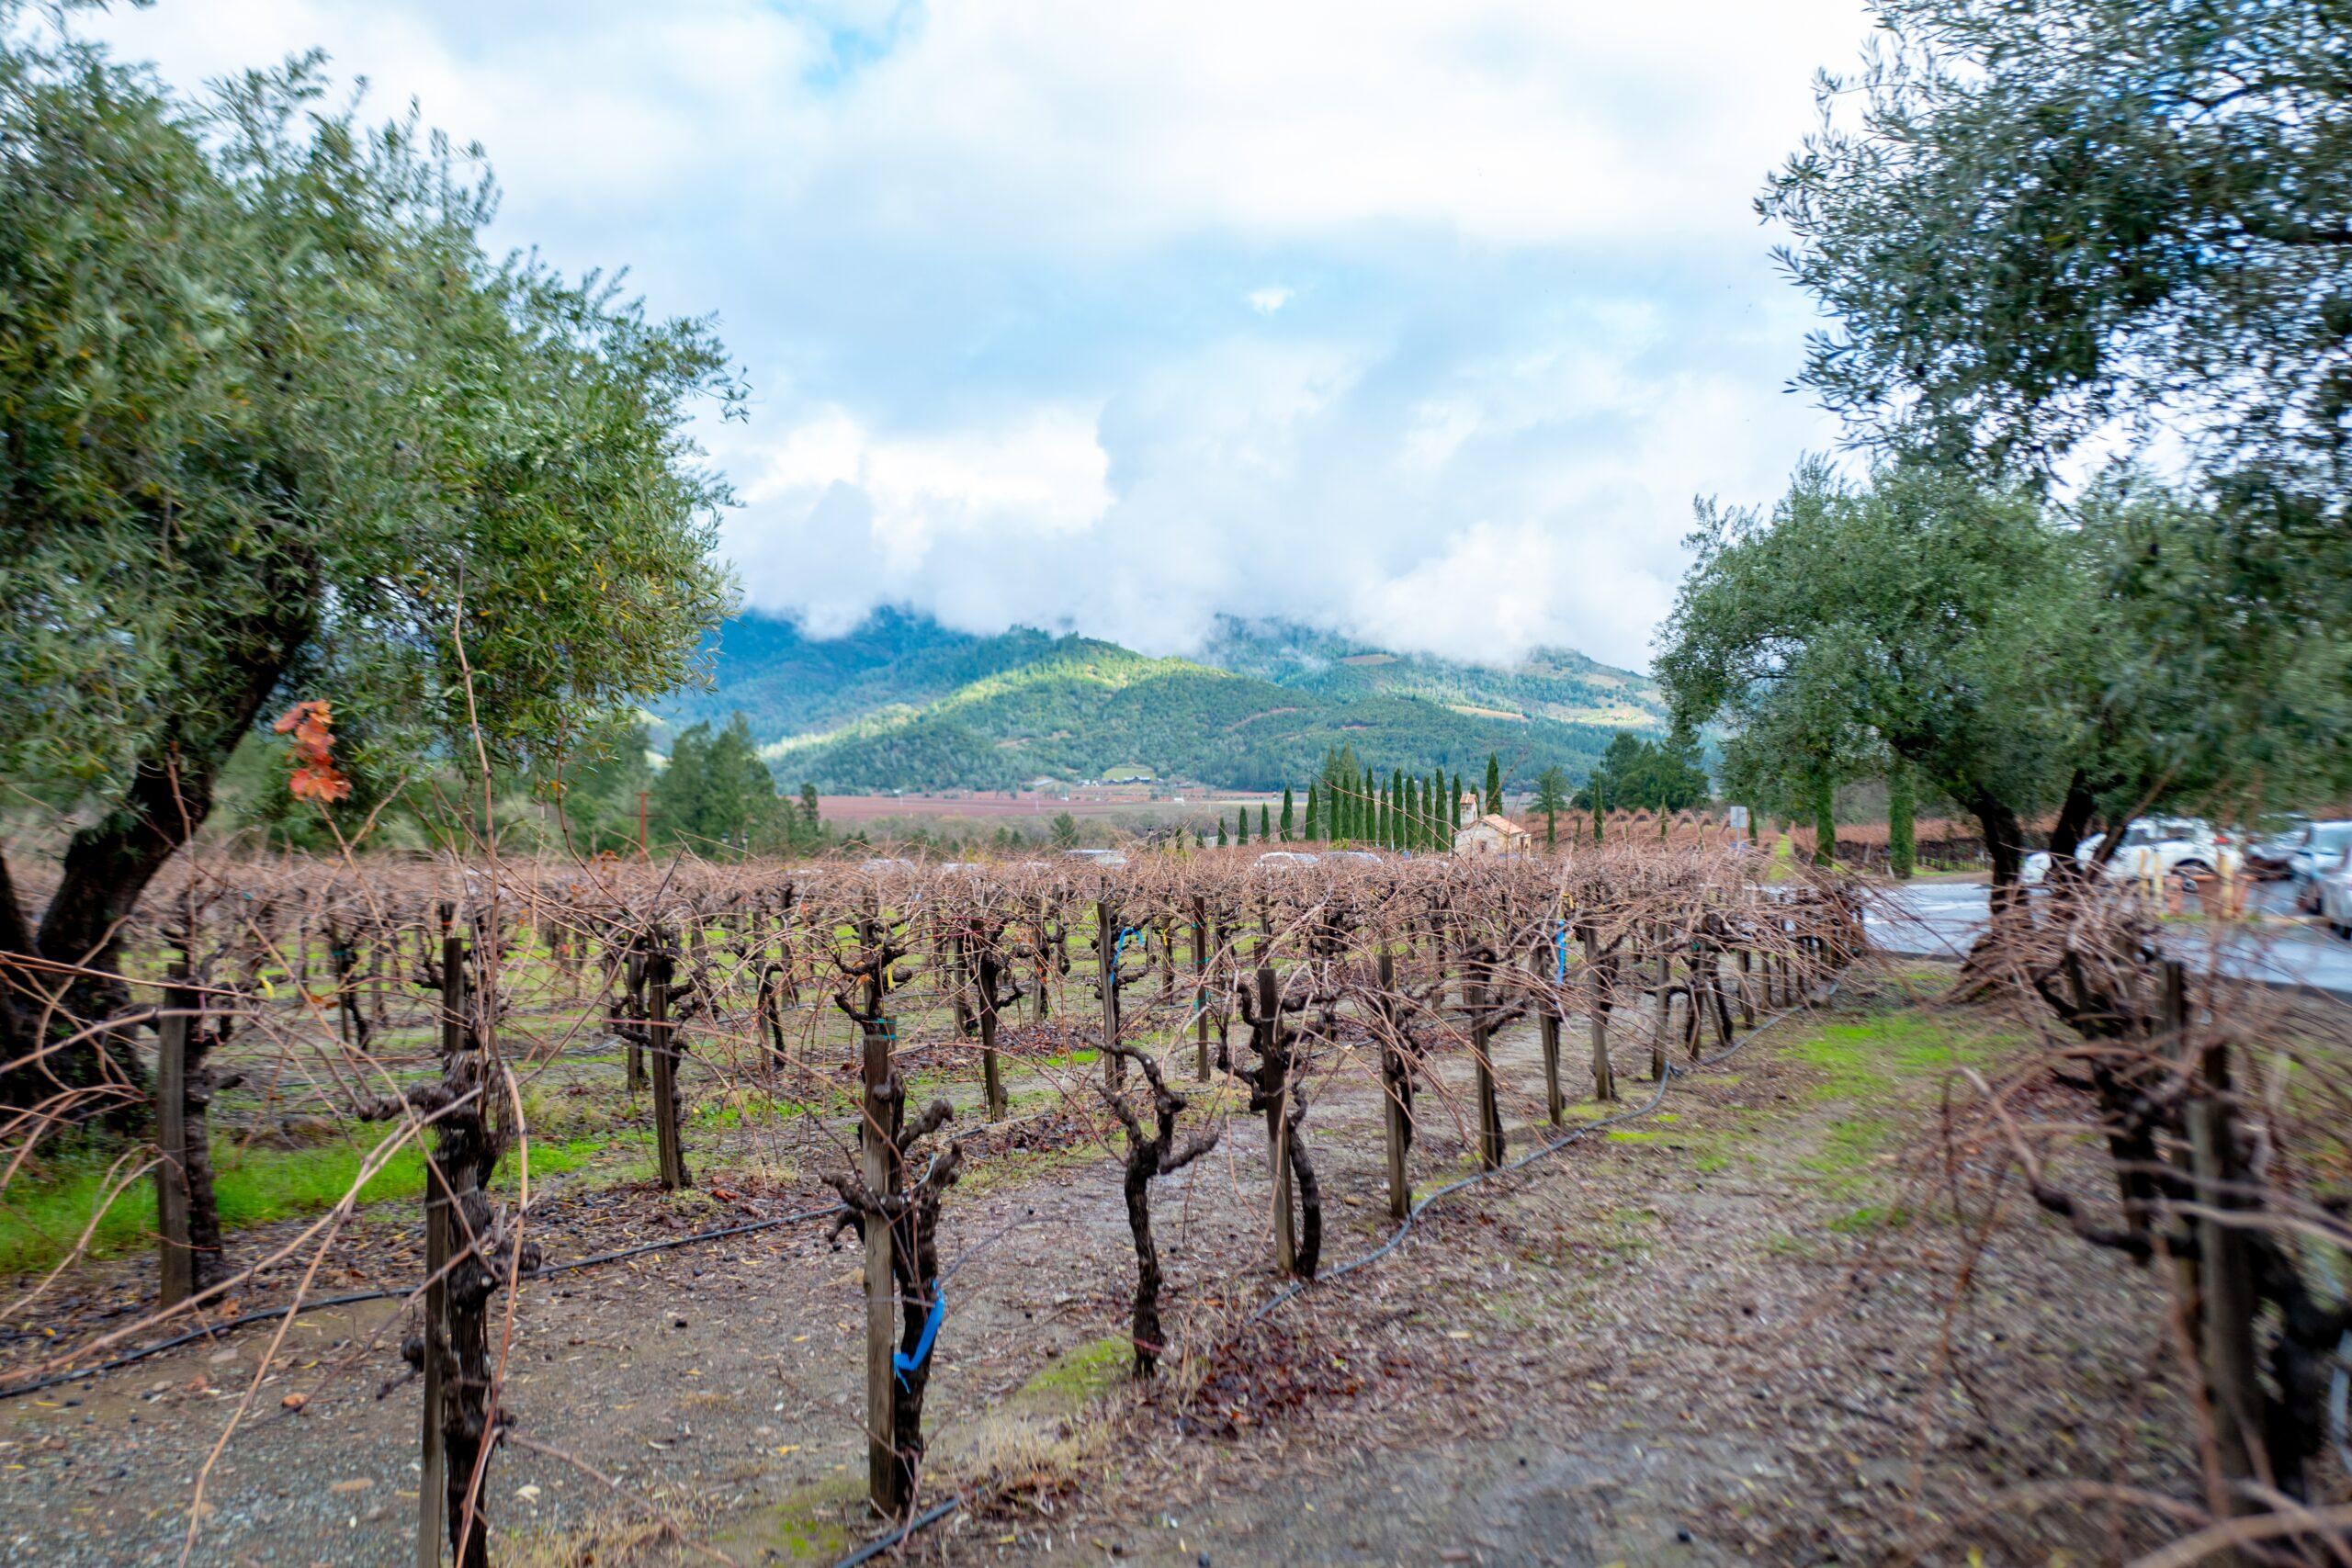 Grapevines at Castello di Amorosa, in the Napa Valley Wine Country, Calistoga, California, December 22, 2019.